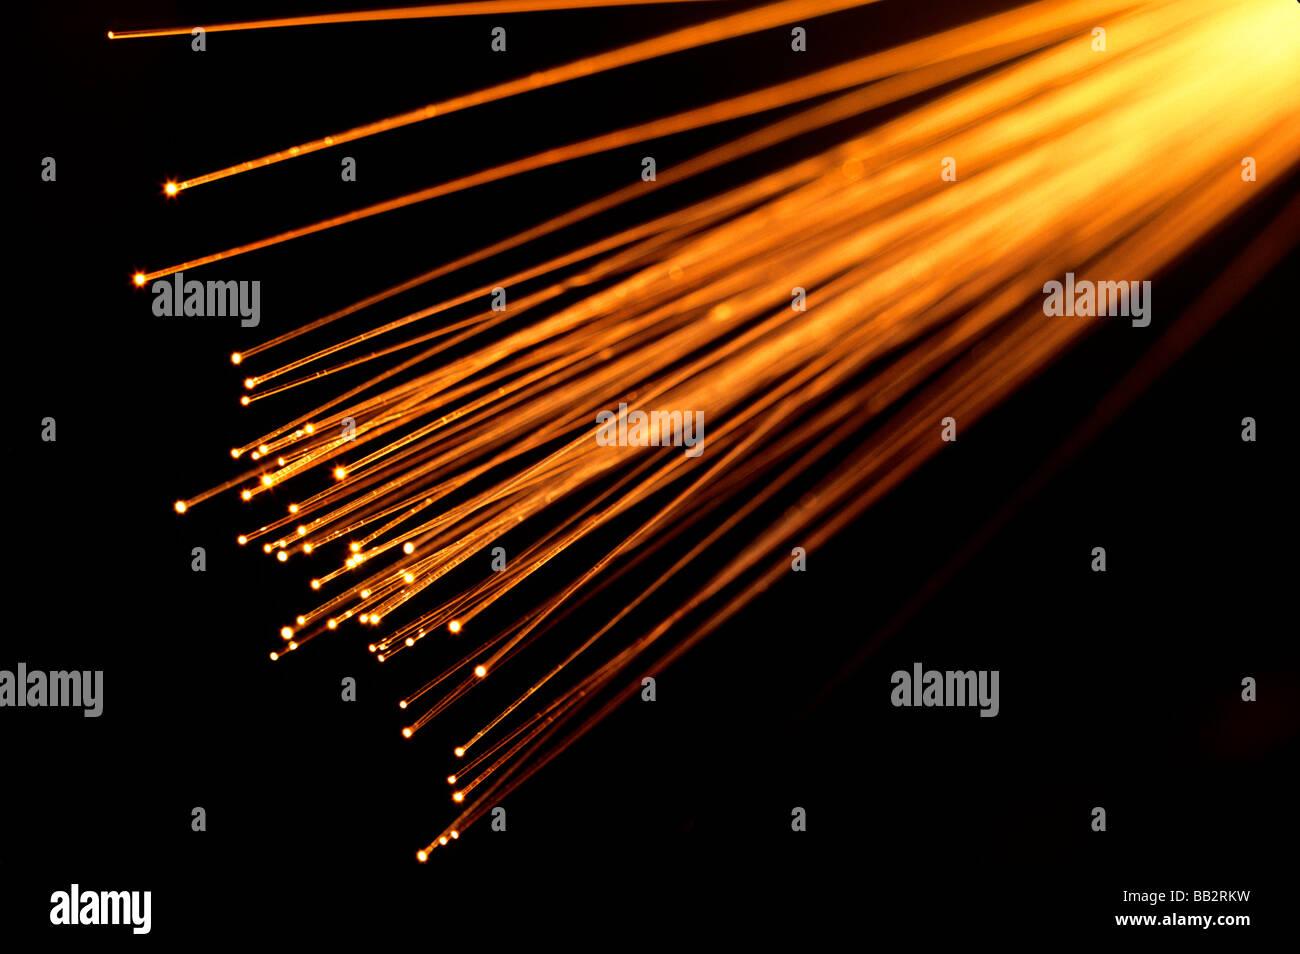 In fibra ottica trefoli accese la trasmissione della luce attraverso le immagini di fibre trasparenti. Immagini Stock